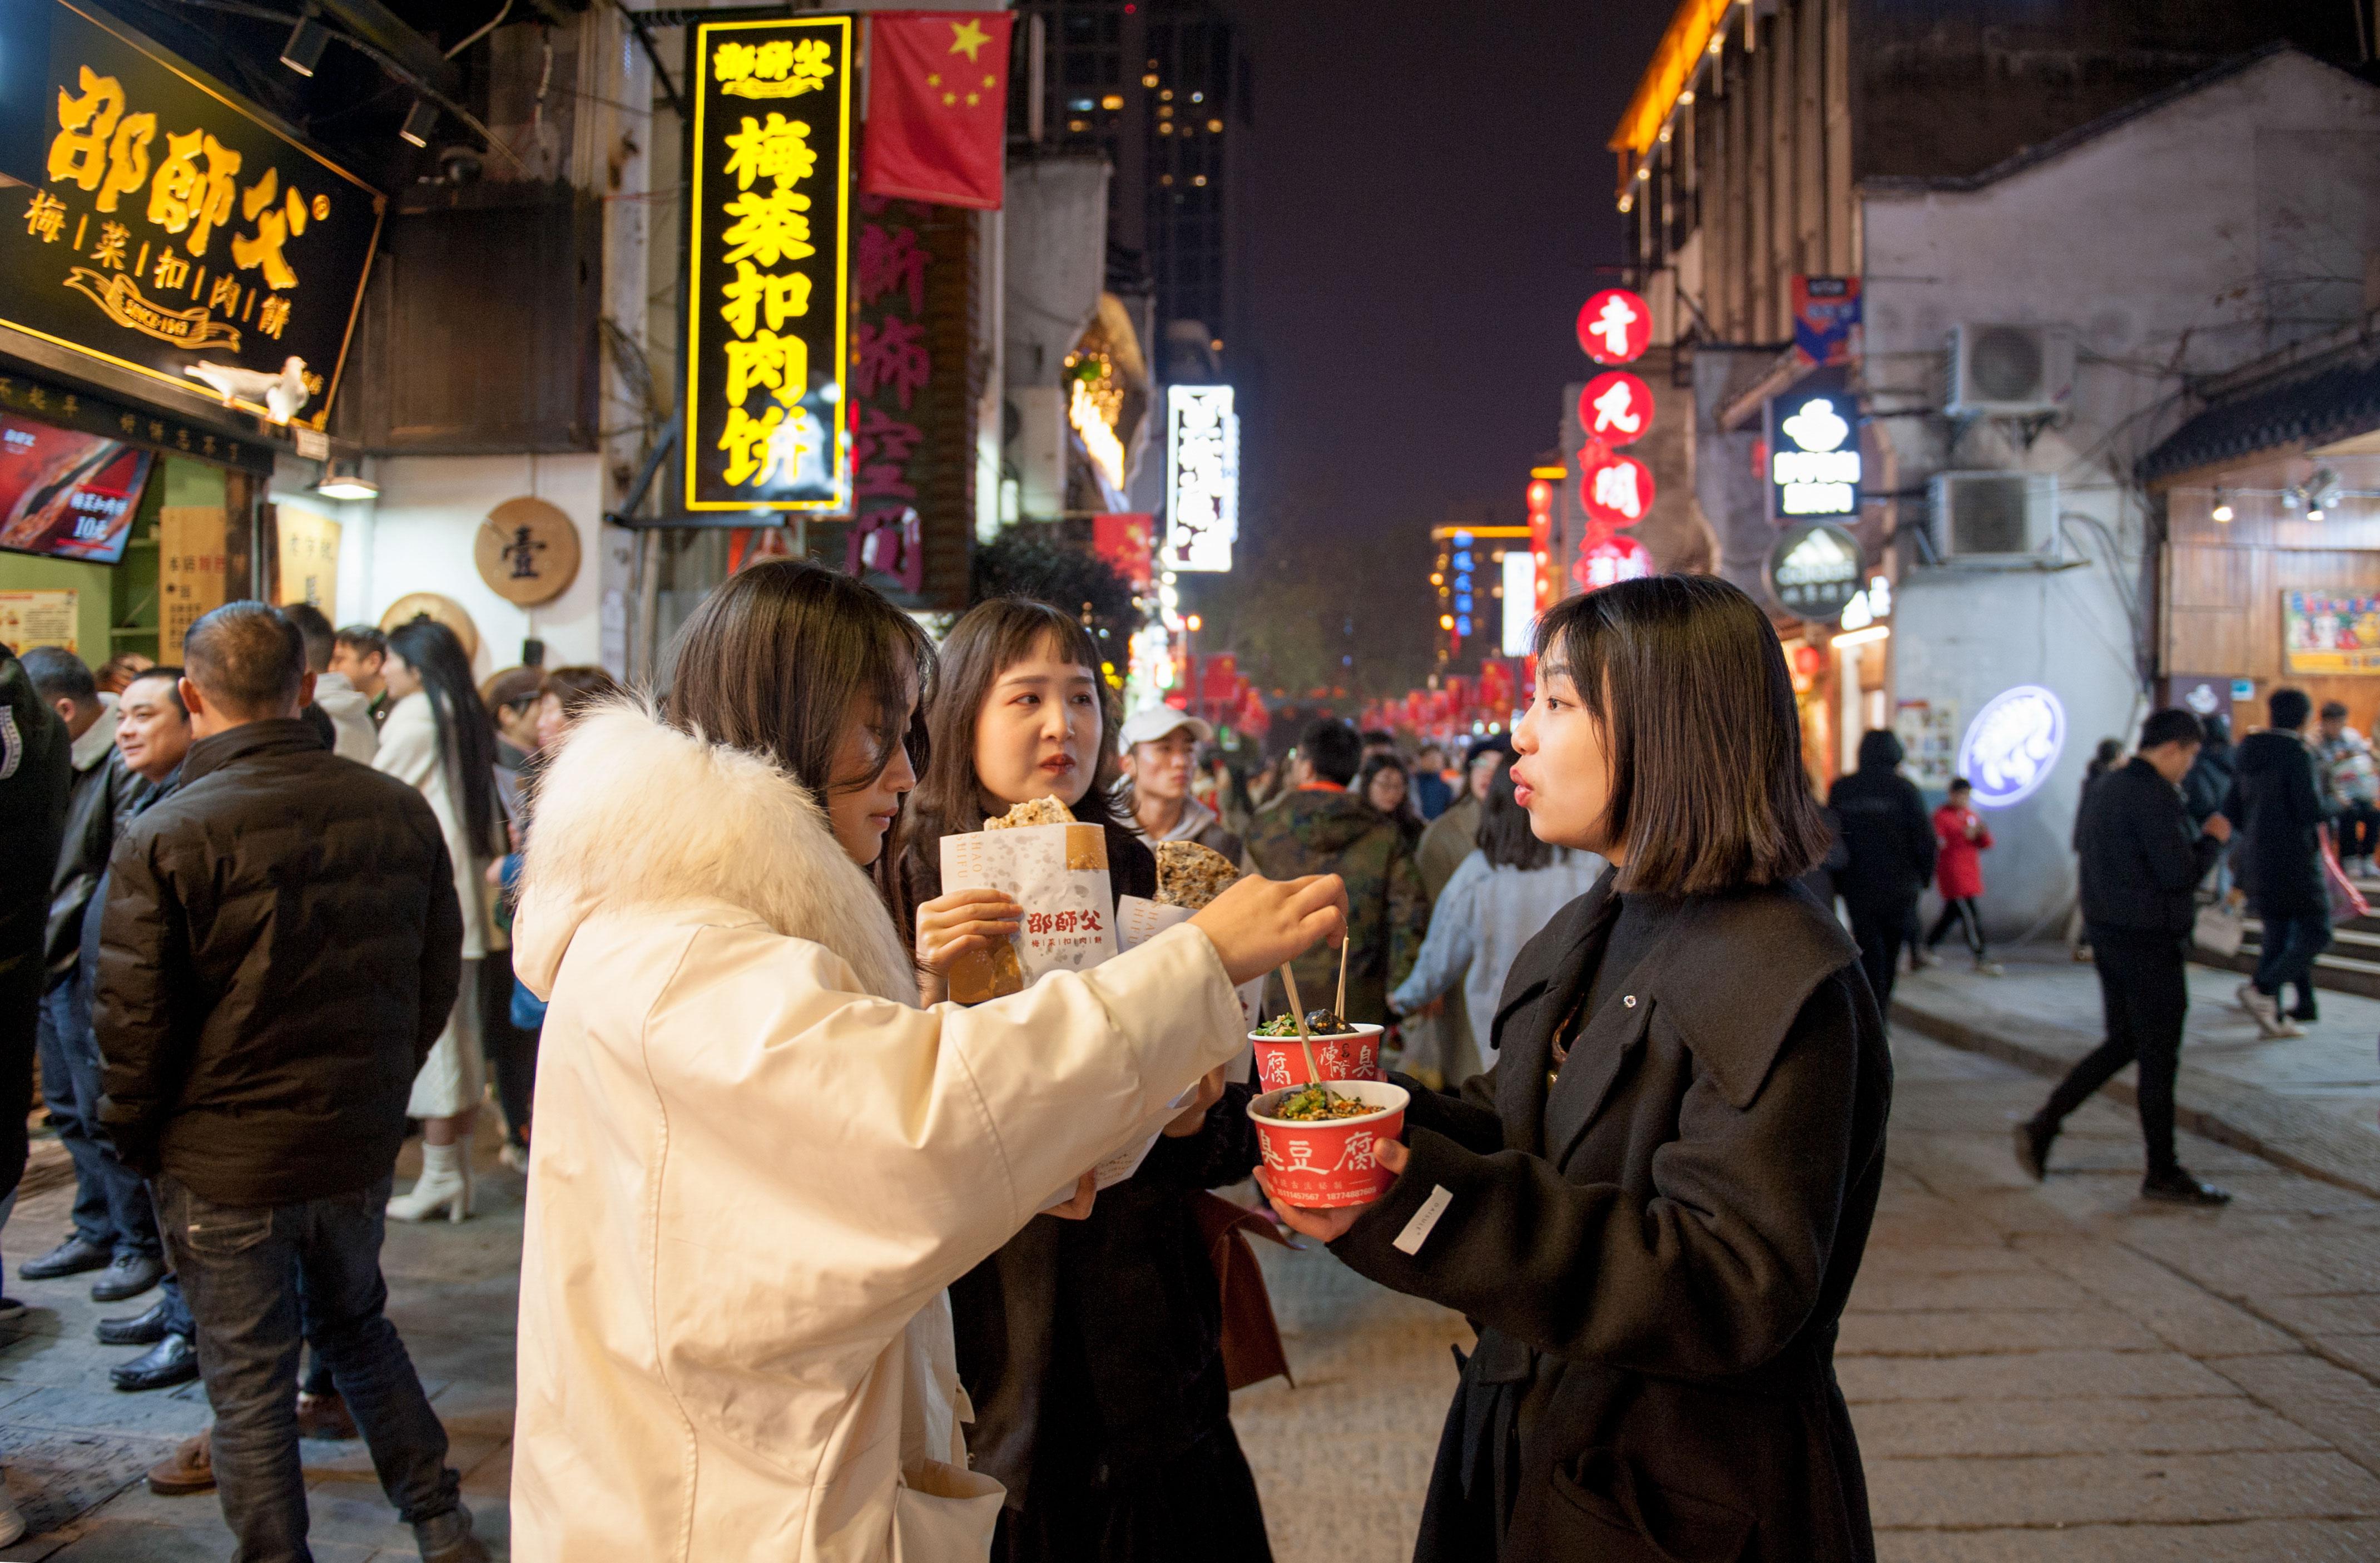 【34号作品:太平街小吃】 太平老街,长沙美食聚集地,人们来到这里就为品尝、分享最正宗的长沙味道。